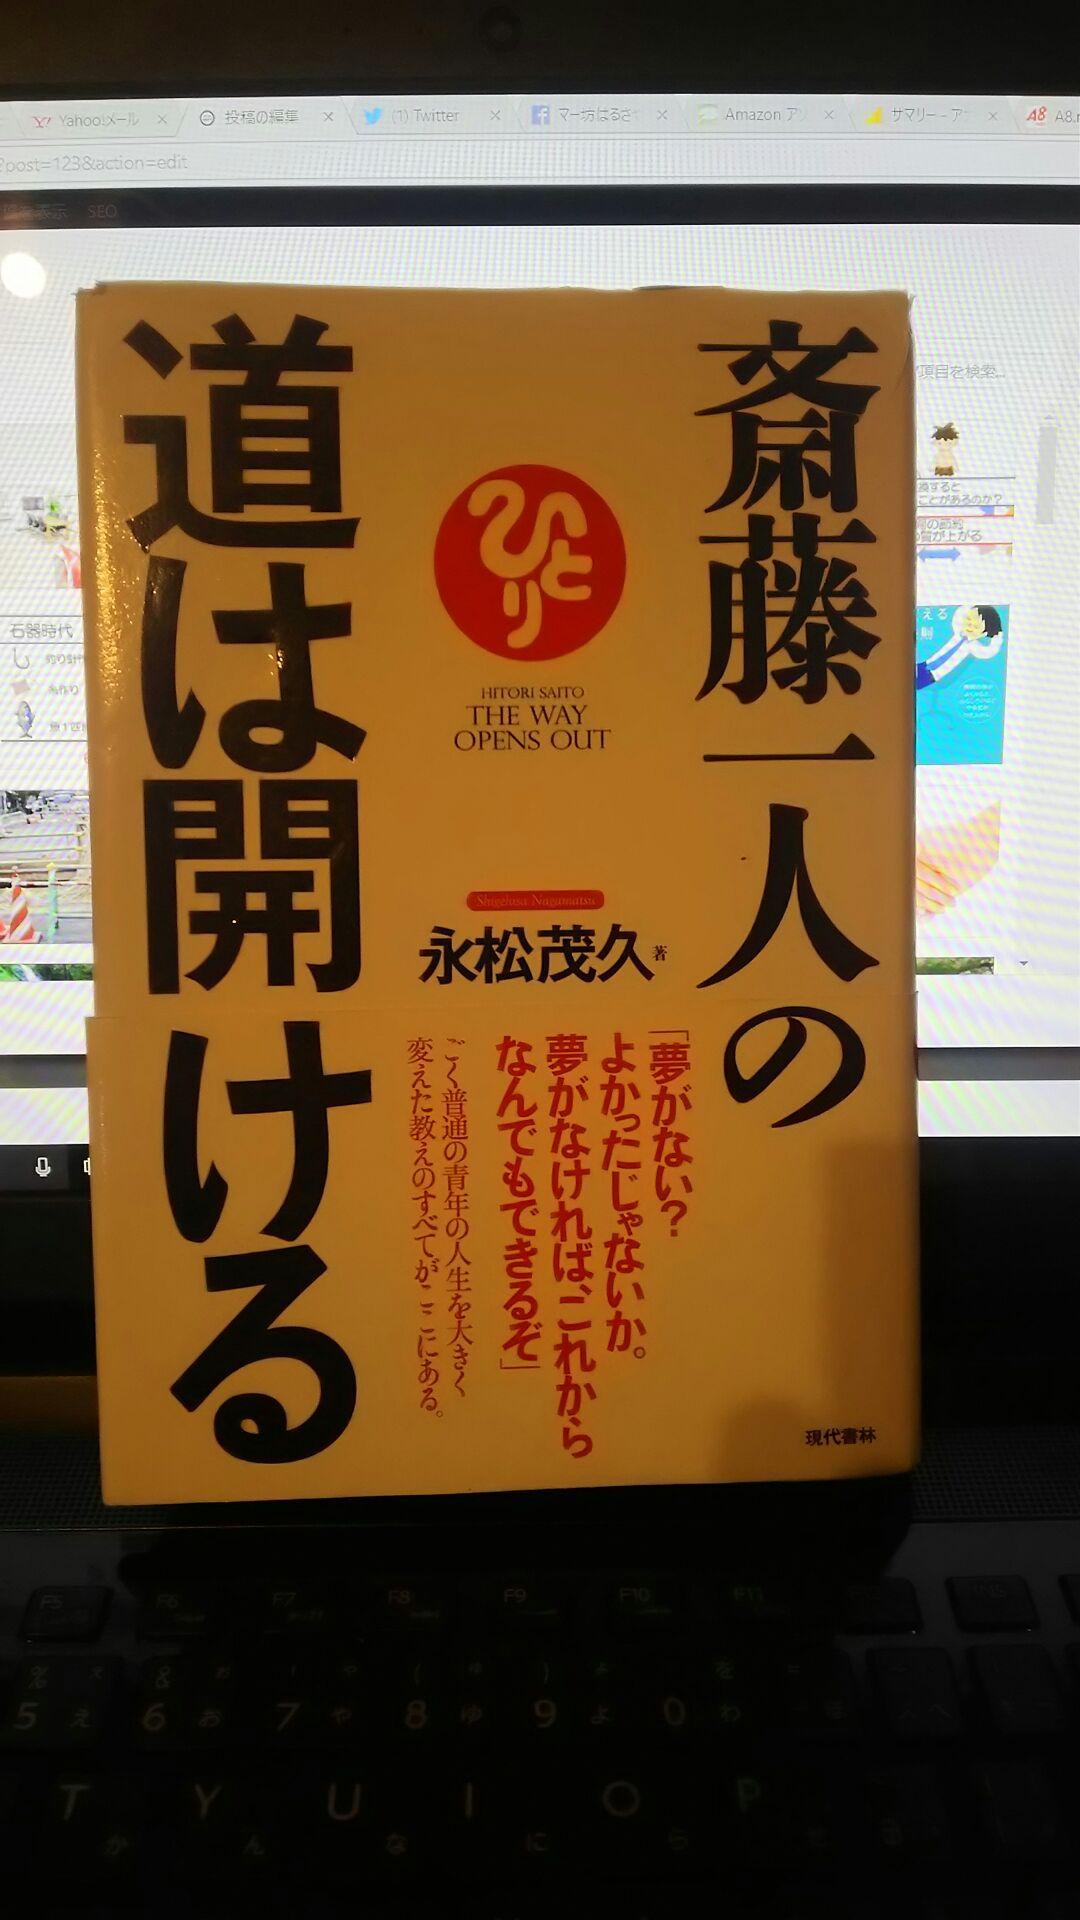 人生の成功の基礎は笑顔、うなずき、天国言葉 by『斎藤一人の道は開ける』